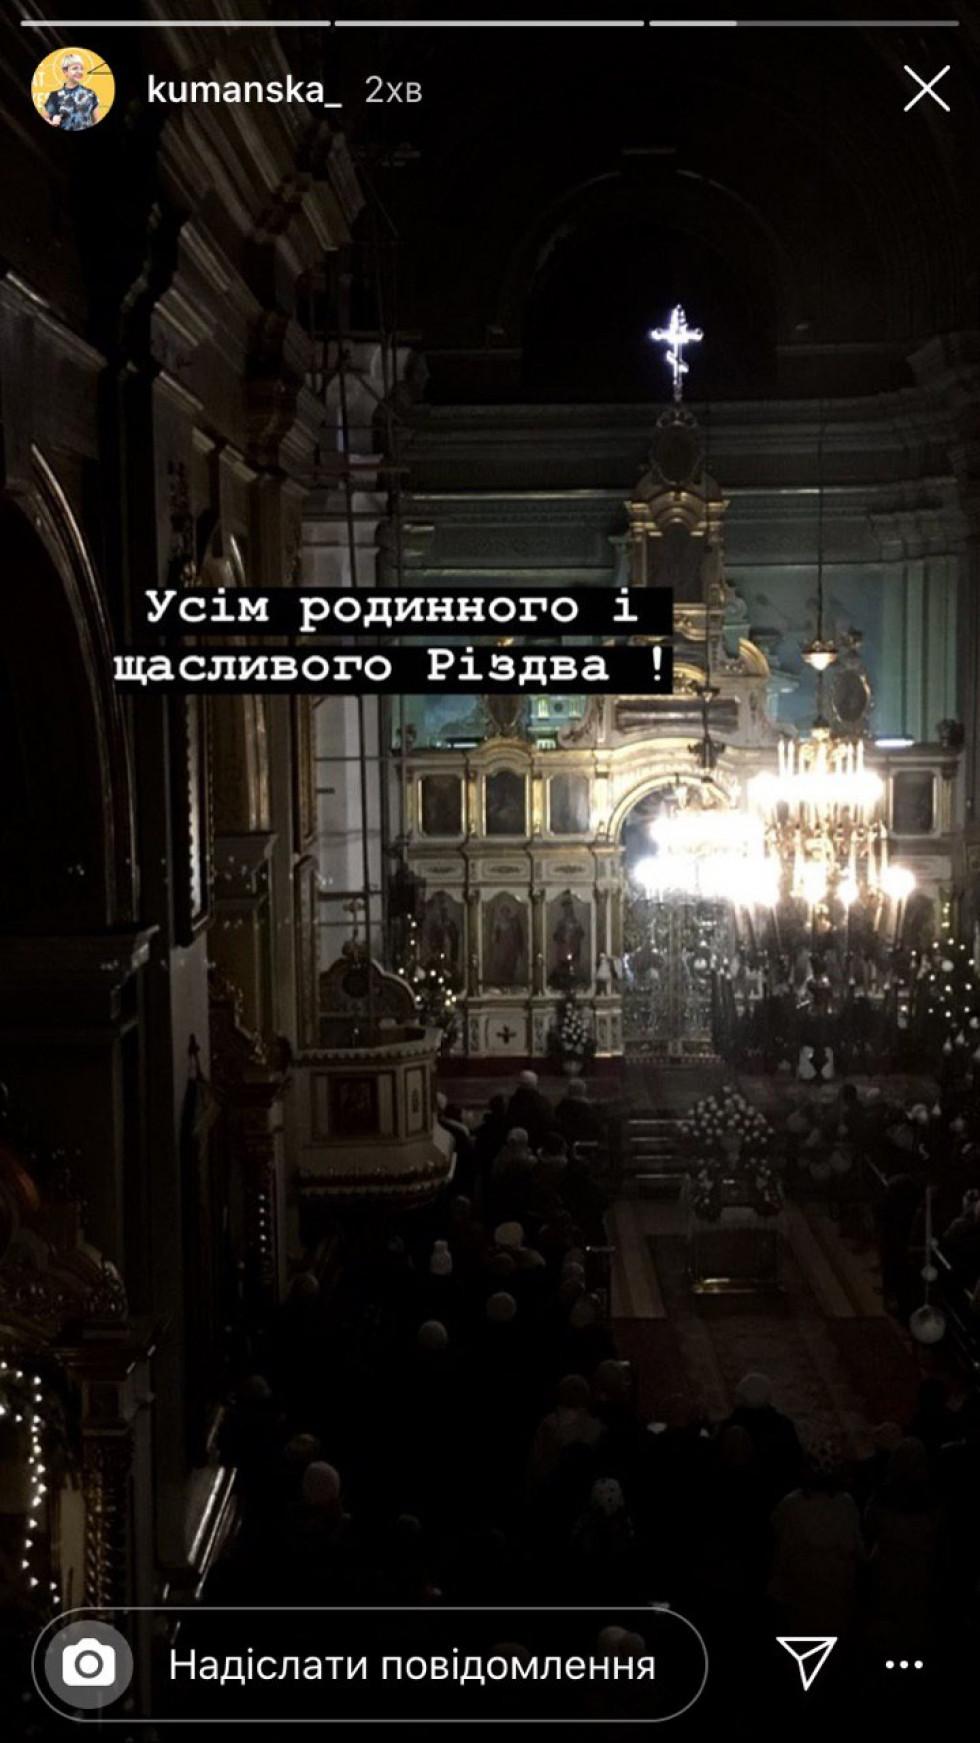 Віта Куманська